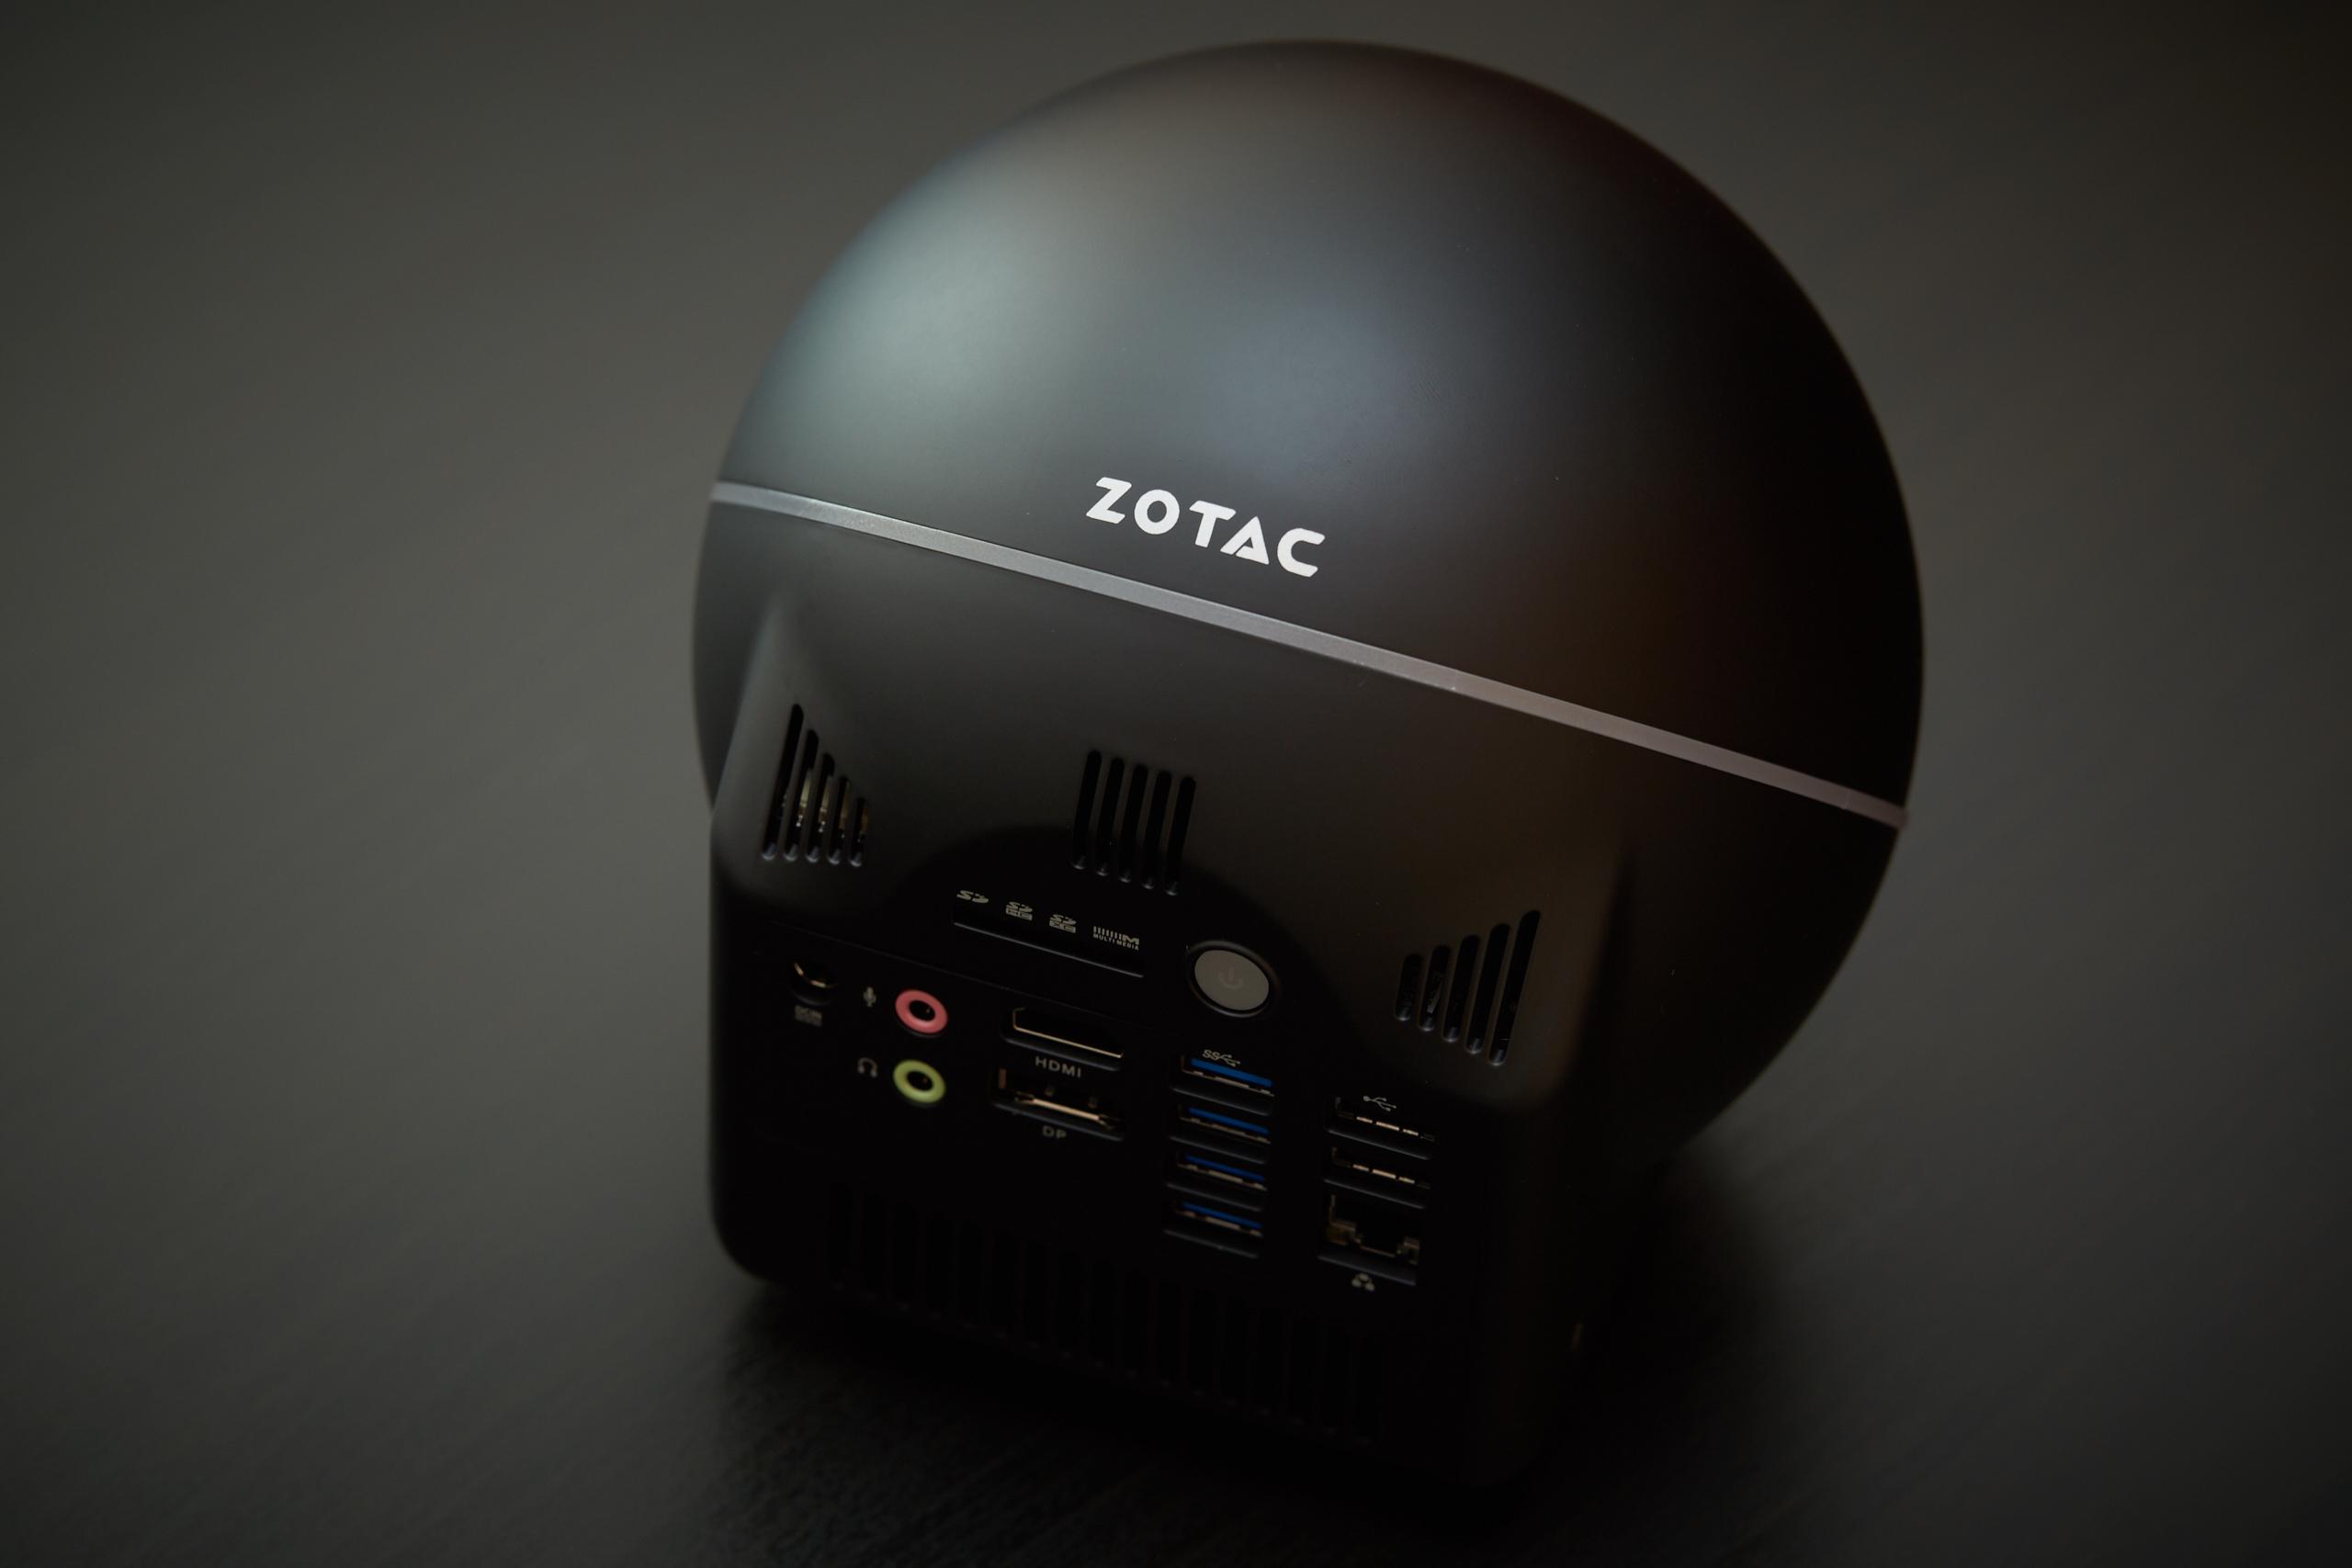 Wohnzimmer Pc Test, zotac zbox sphere - futuristischer mini-pc fürs wohnzimmer im test, Design ideen